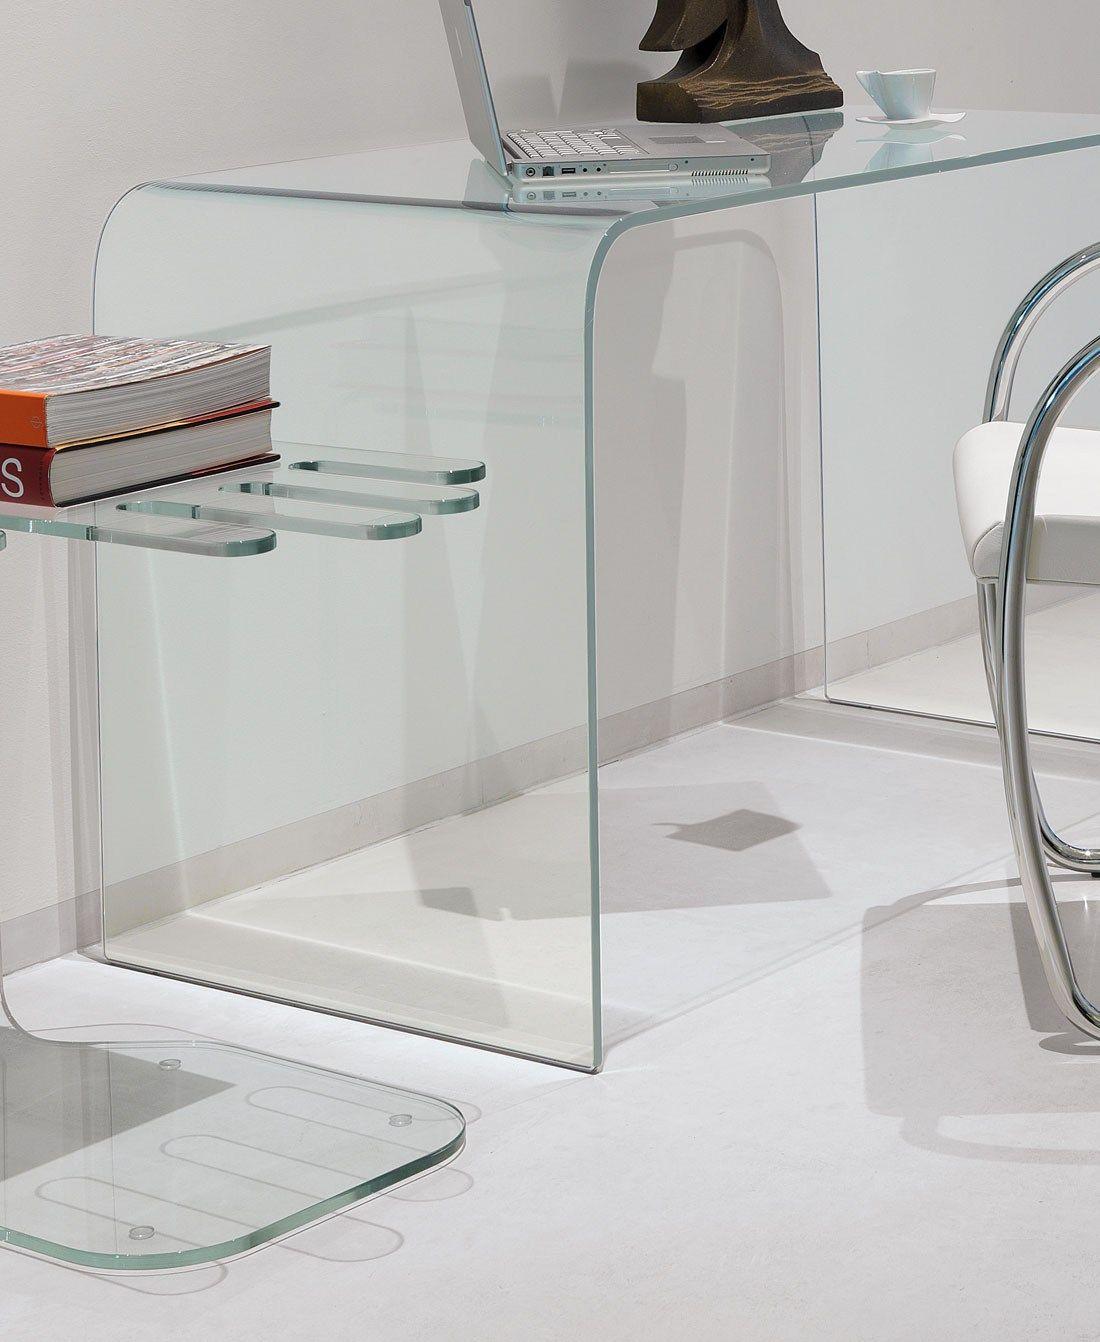 Scrivania In Vetro Design ACCADEMIA By ITALY DREAM DESIGN Kallisté #73412E 1100 1342 Scrivanie E Tavoli Ikea